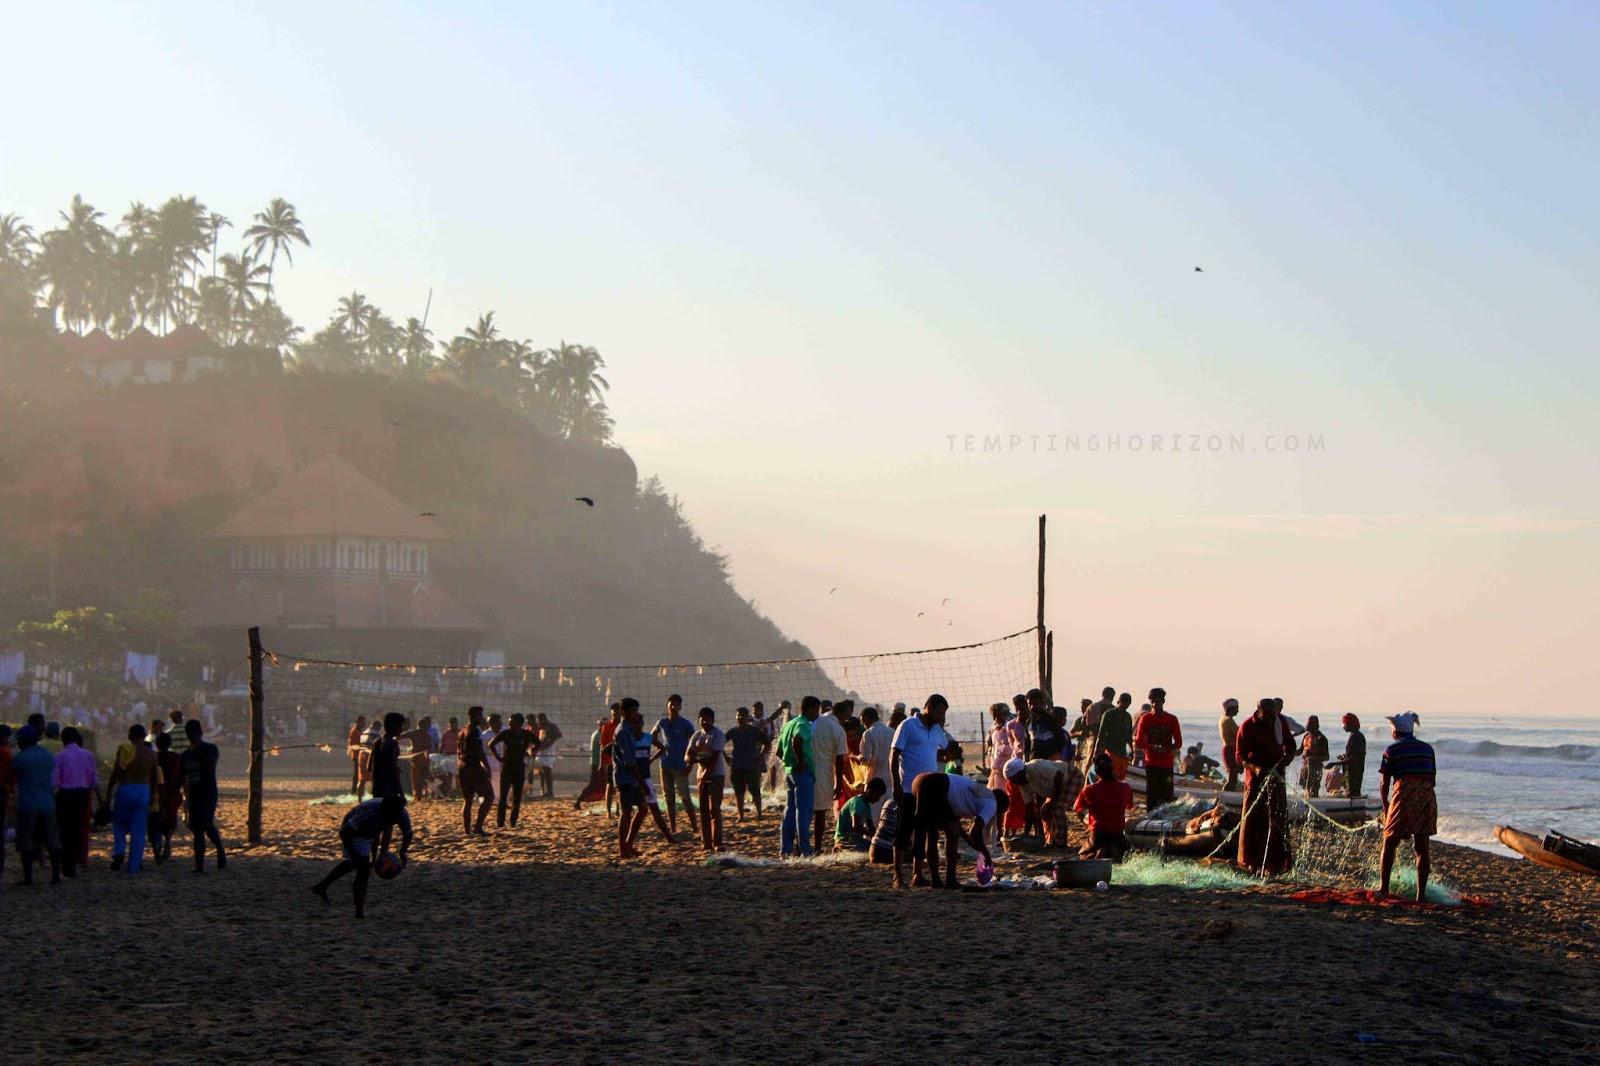 Morning at Papanasam beach